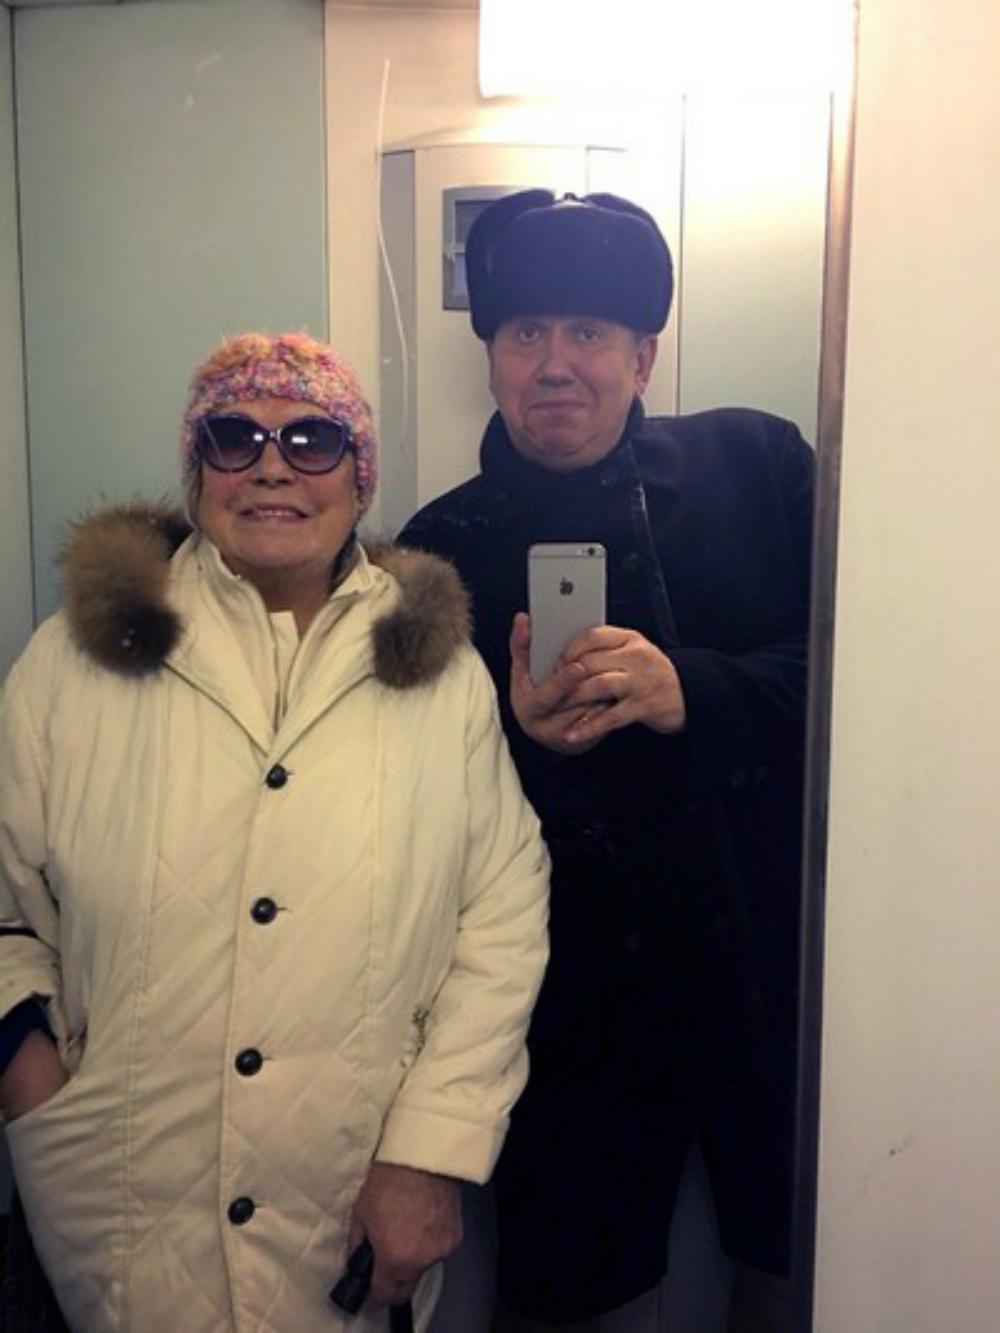 Дочь-уголовница Лидии Федосеевой-Шукшиной продала квартиру в центре Питера без ведома матери